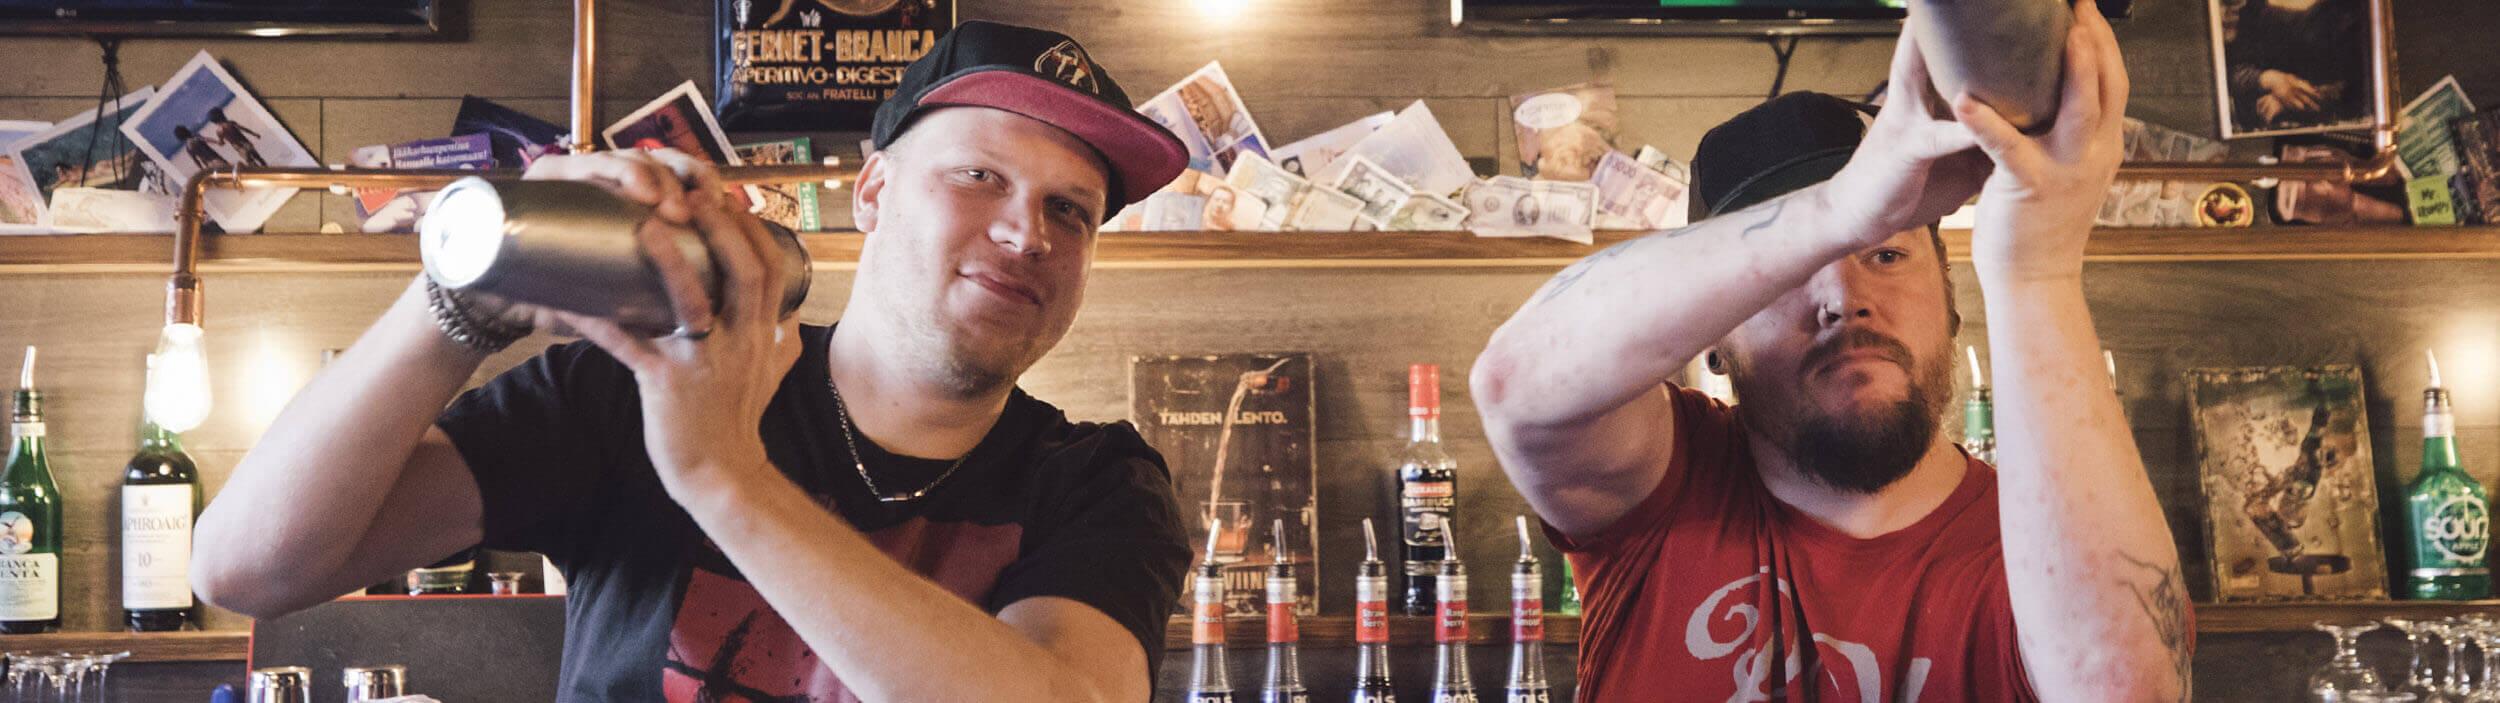 Staffmax ravintola-alan avoimet työpaikat, baarimikko